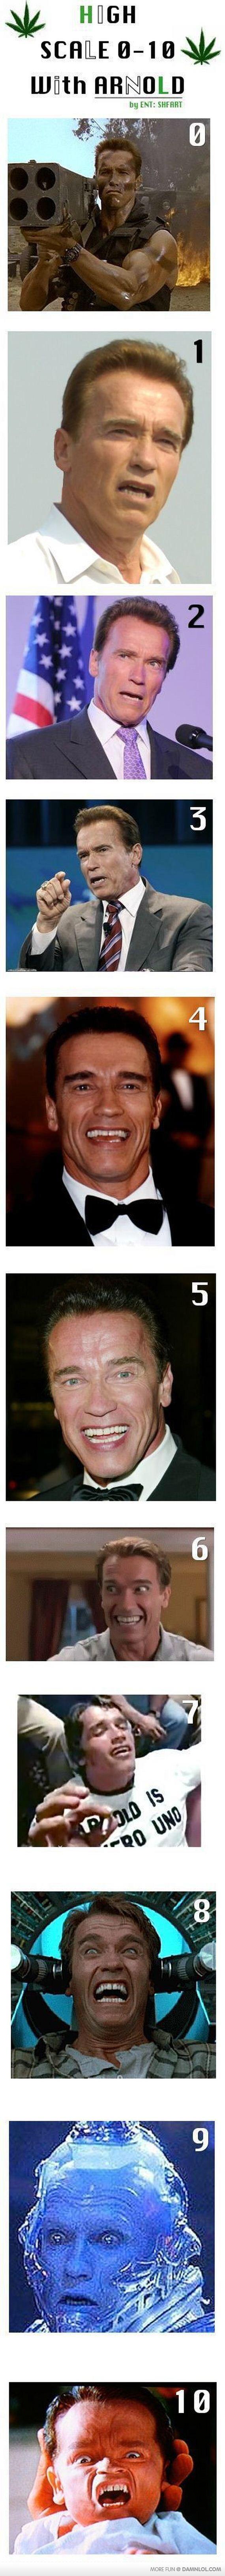 How High Are You? - Arnold Schwarzenegger